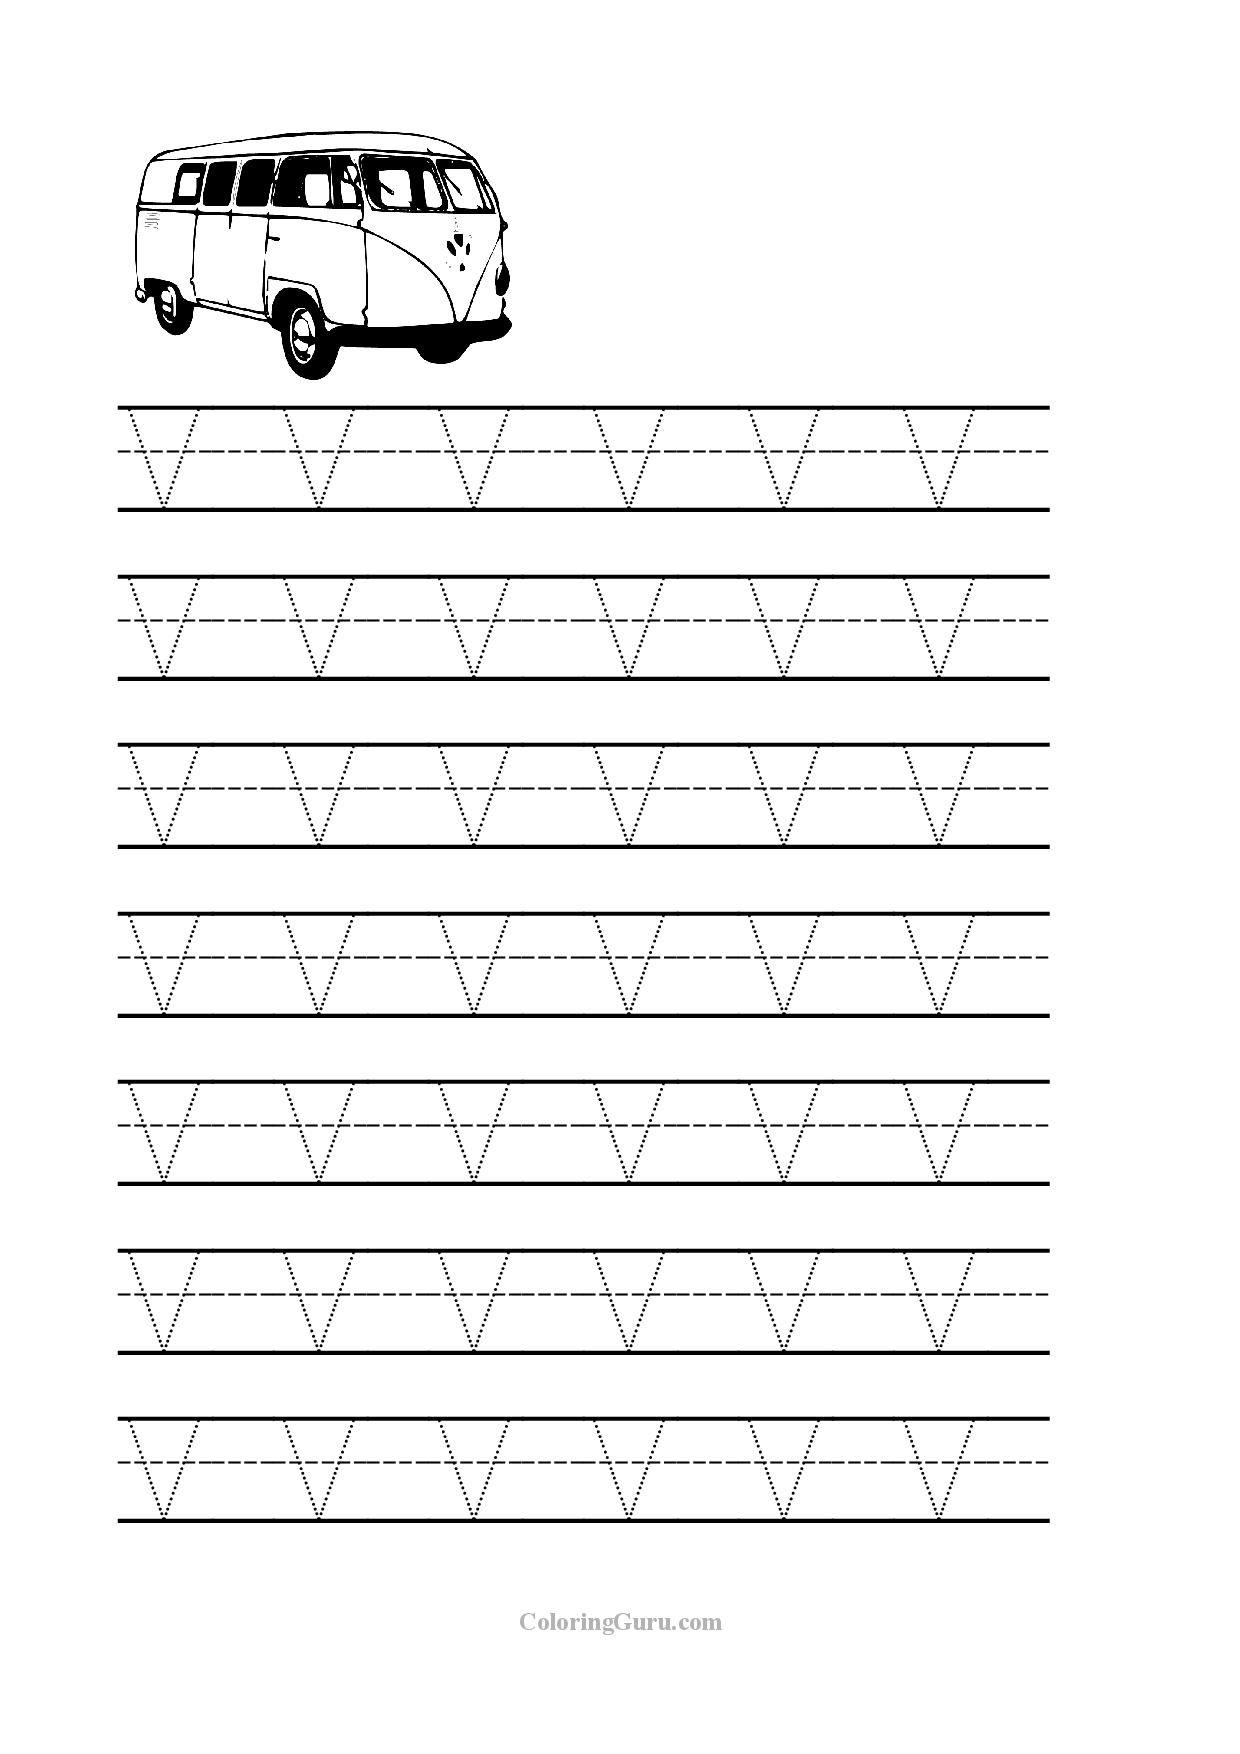 Free Printable Tracing Letter V Worksheets For Preschool for Alphabet Letter V Worksheets